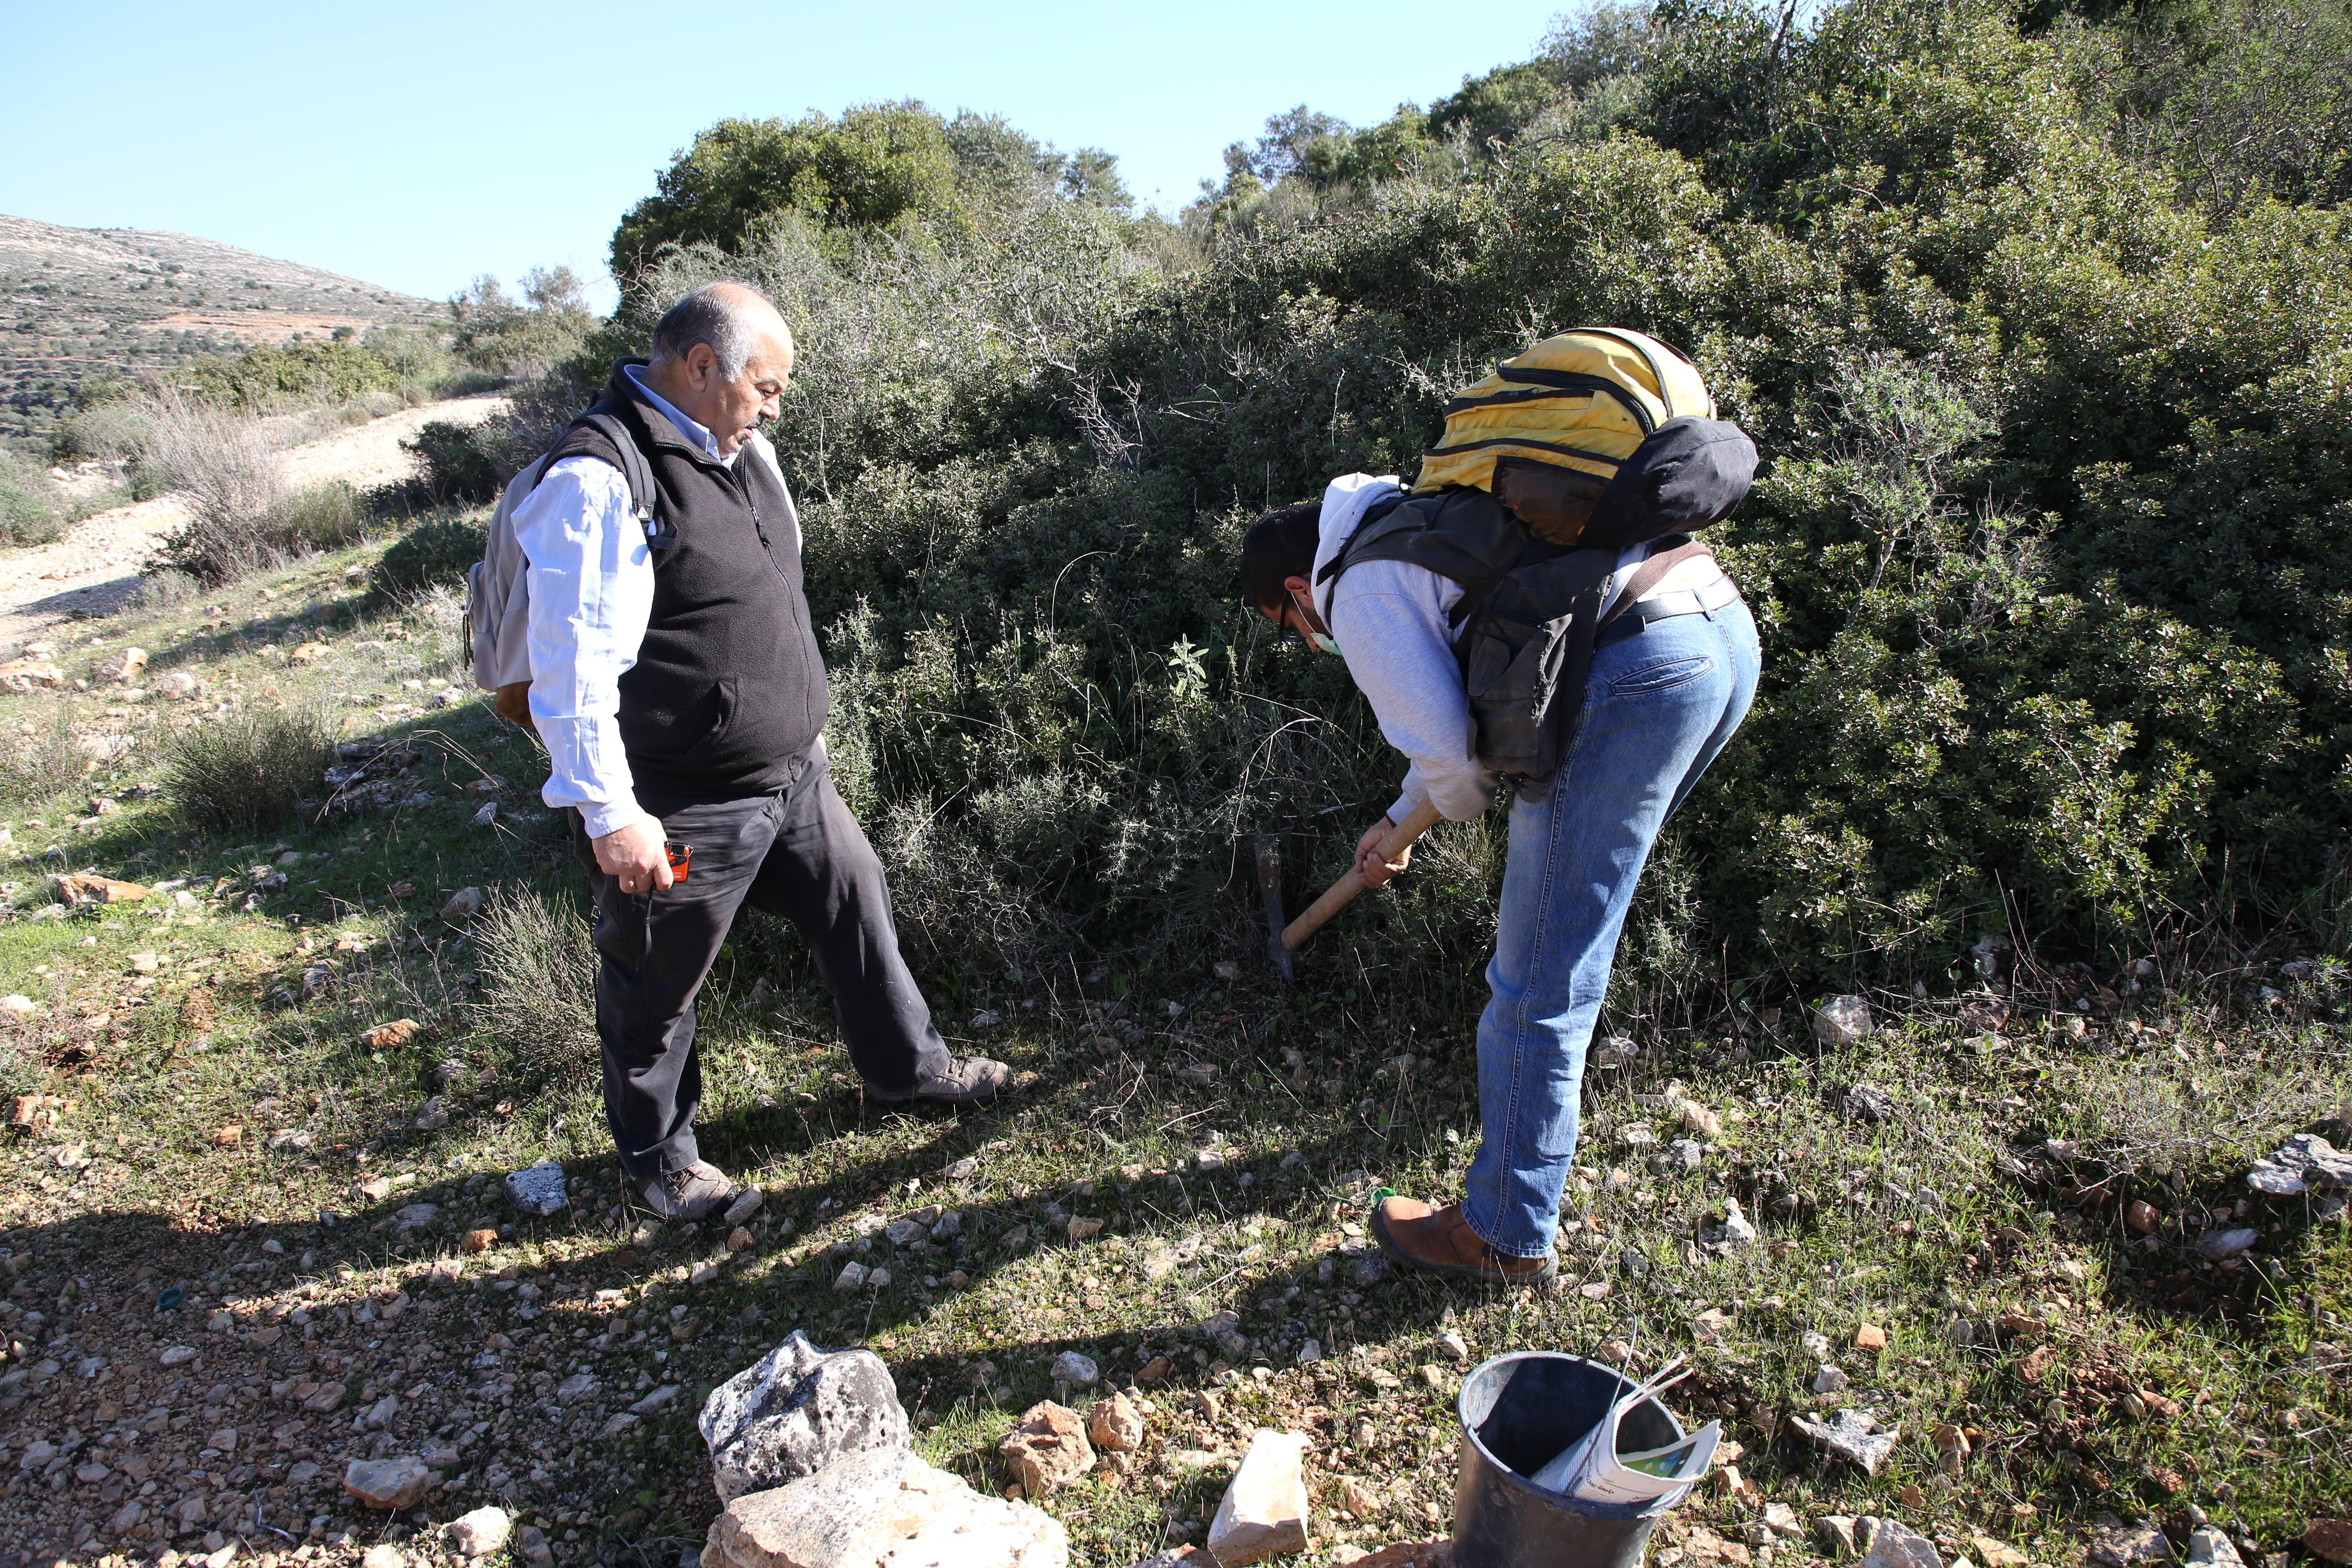 Surveying plant biodiversity in Bethlehem - © Mohammad Najajrah